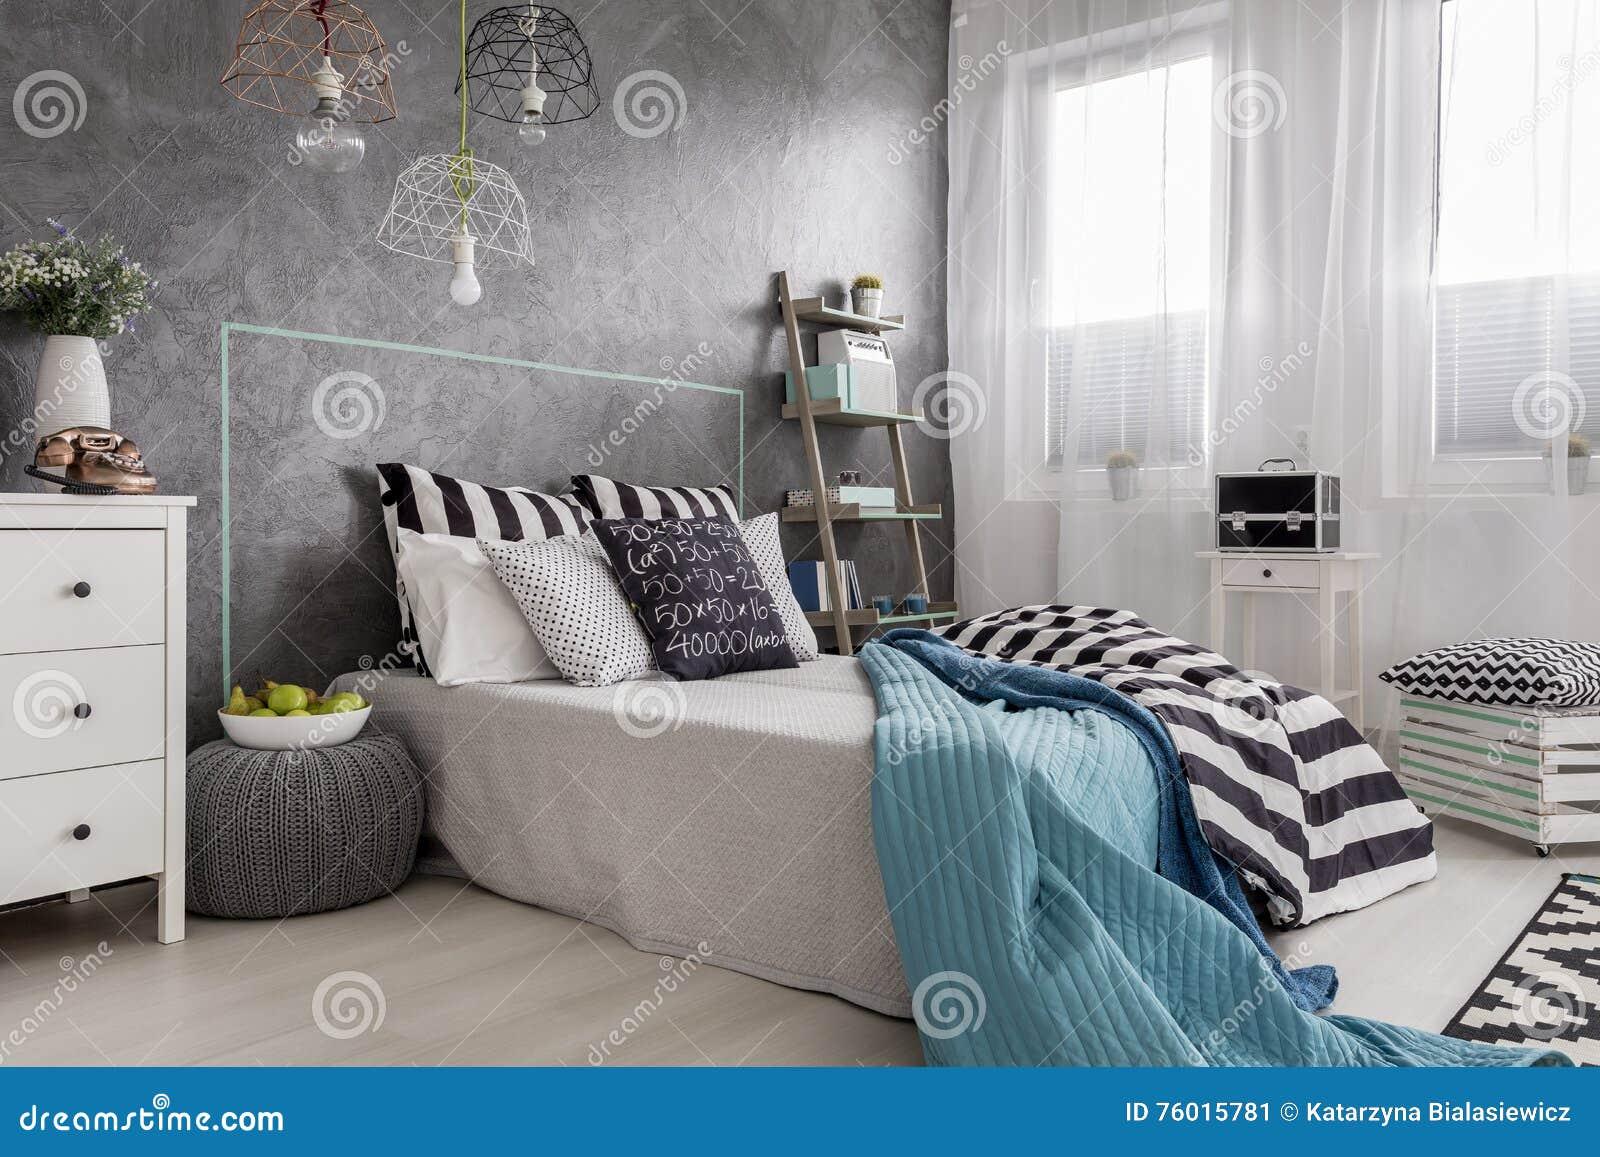 Slaapkamer idee decoratie - Decoratie volwassen kamer romantisch ...